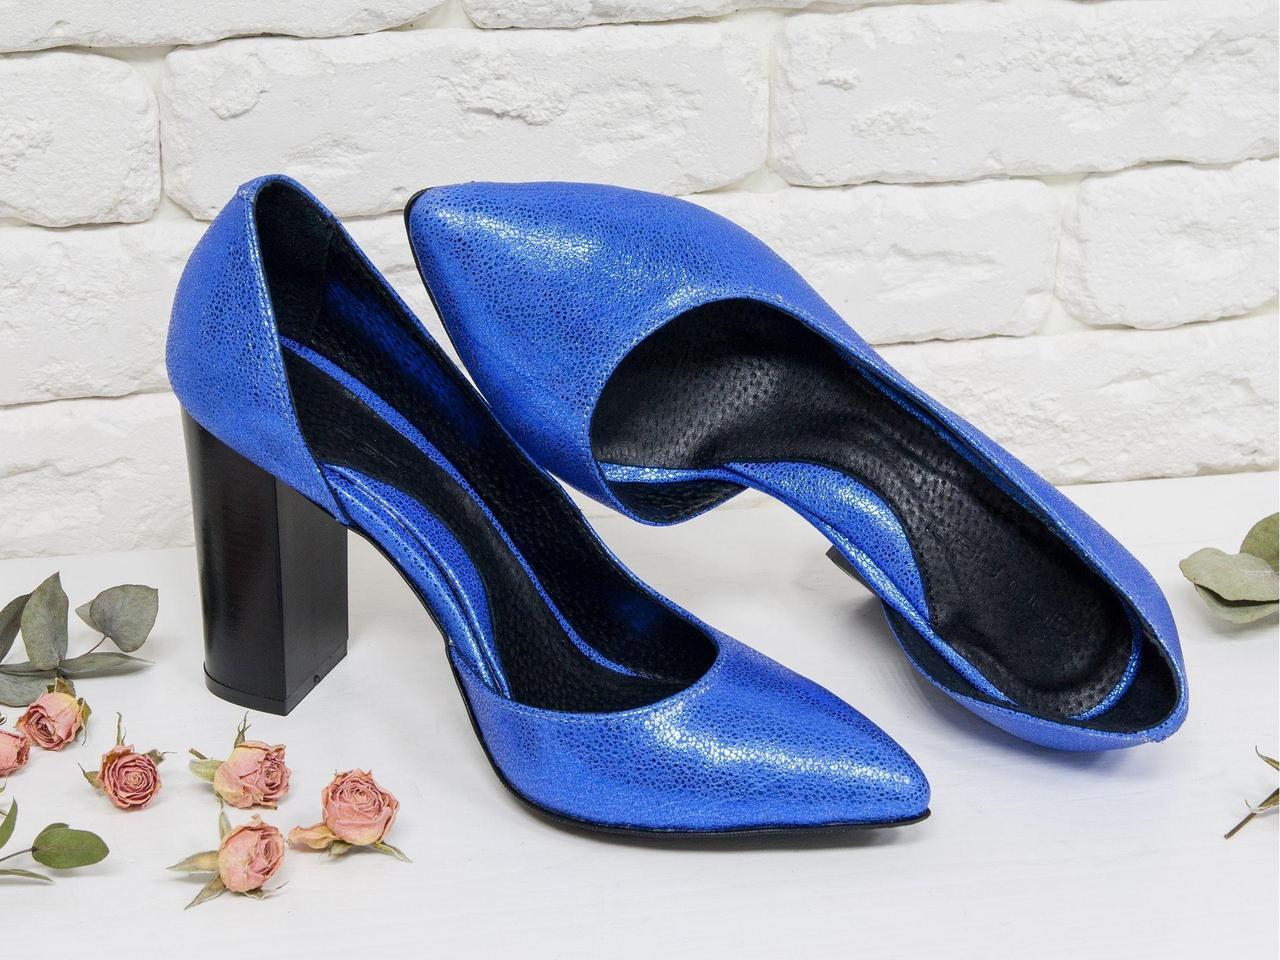 Эксклюзивные туфли из натуральной кожи невероятно красивого синего цвета с блеском, на устойчивом глянцевом каблуке , Лимитированная серия,